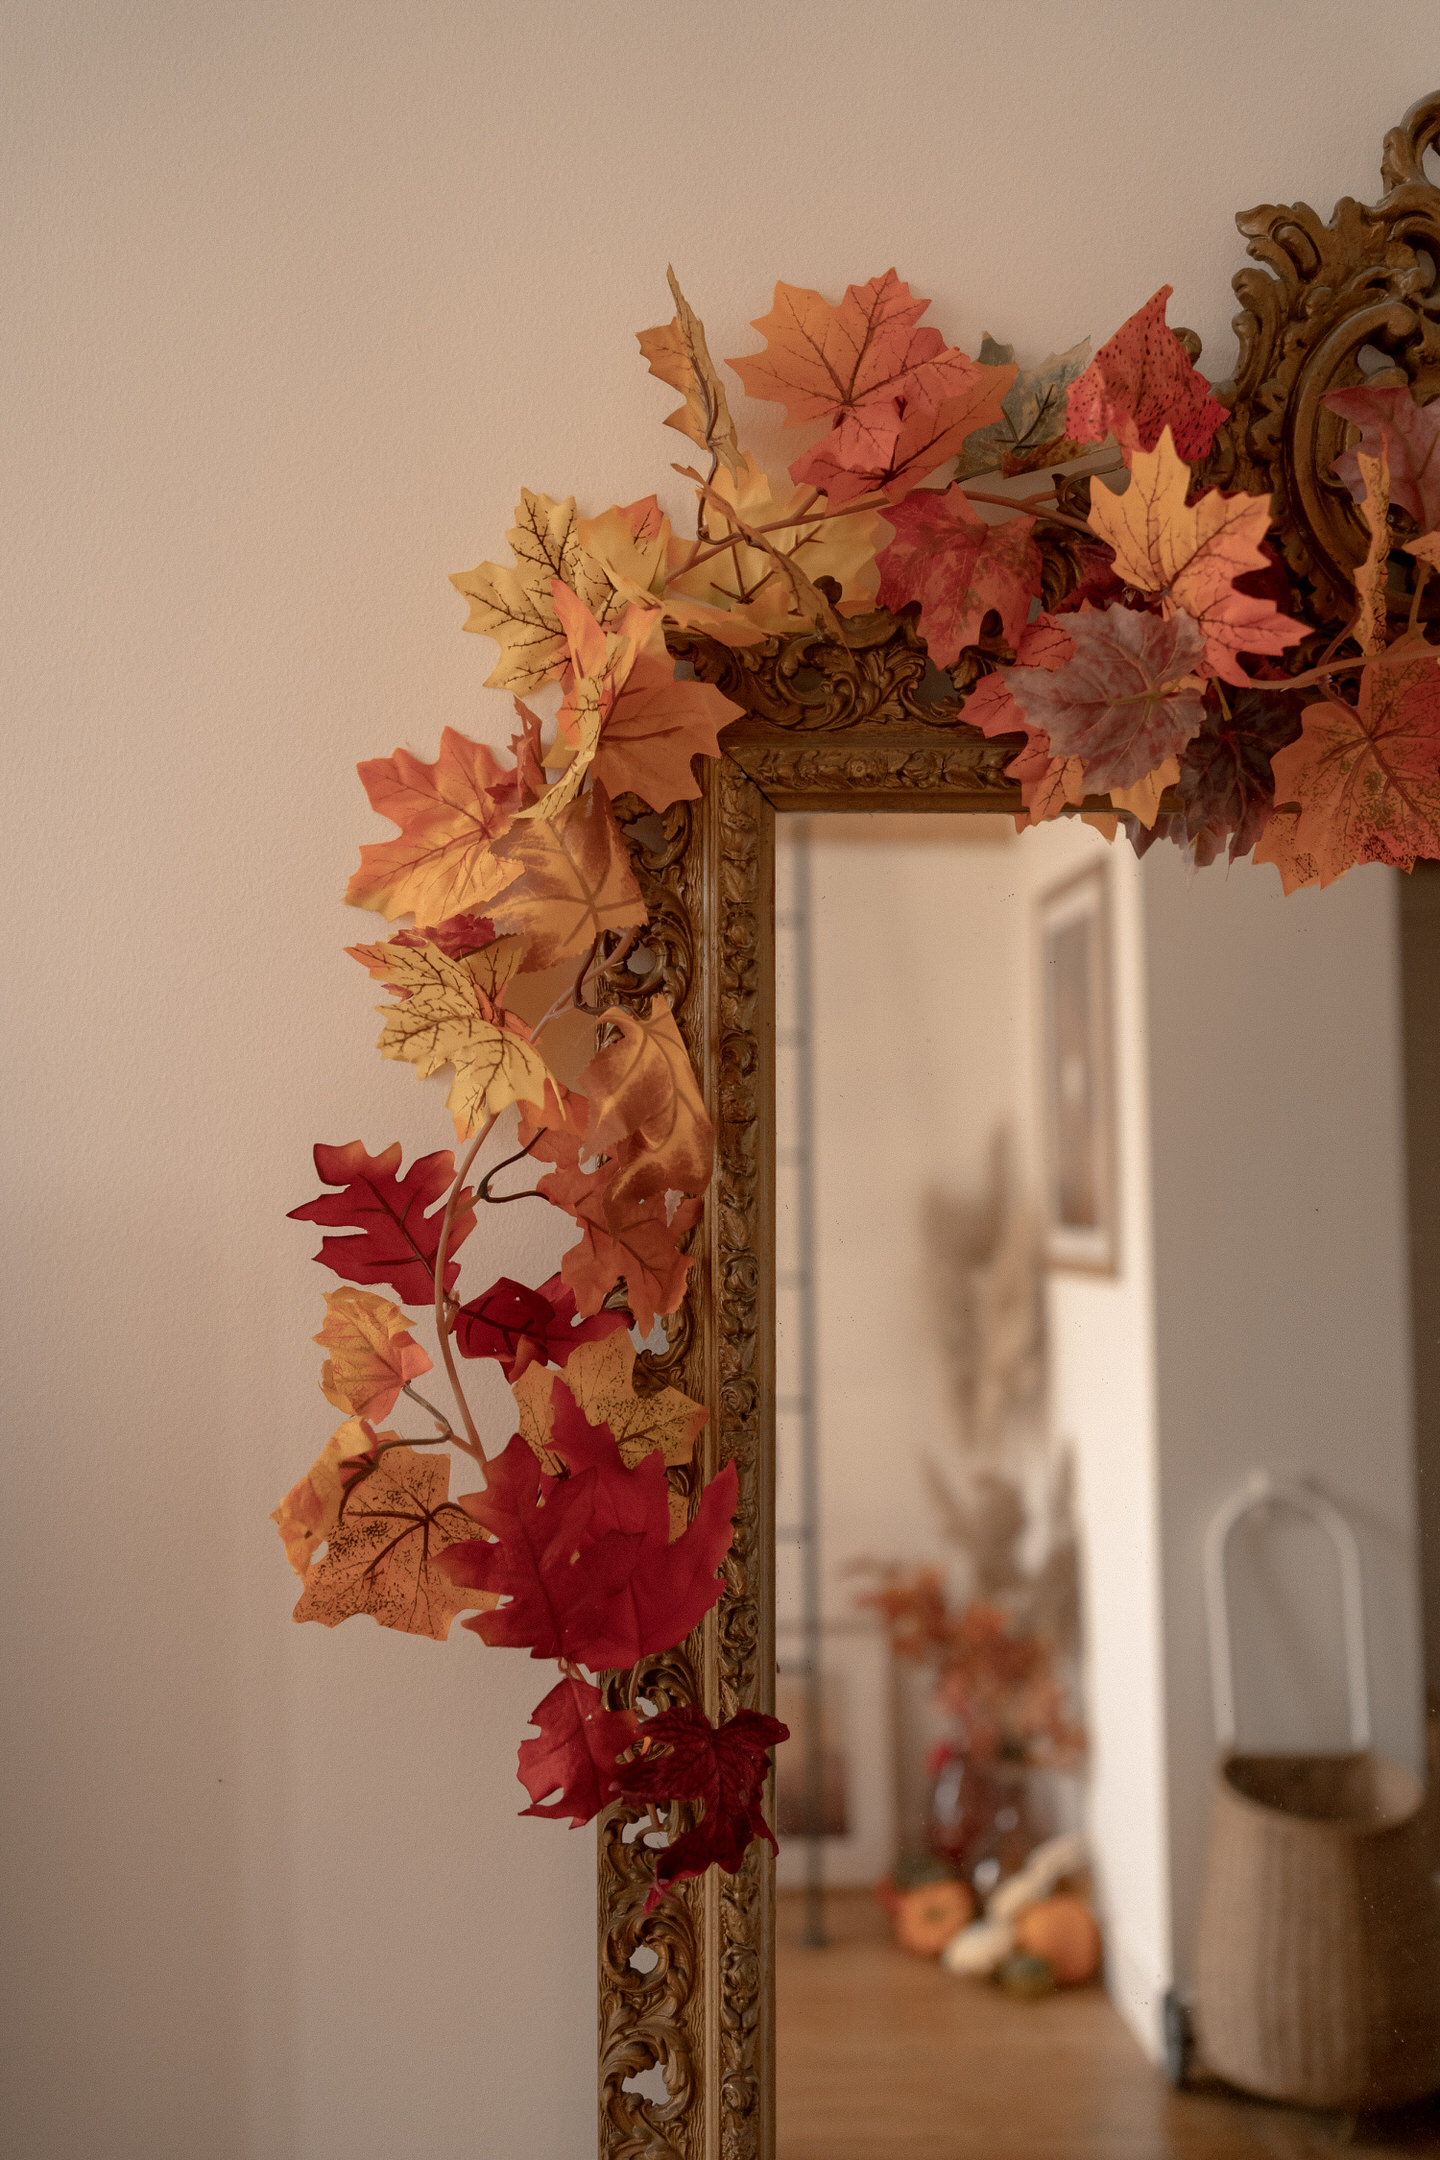 comment-decorer-interieur-automne-8